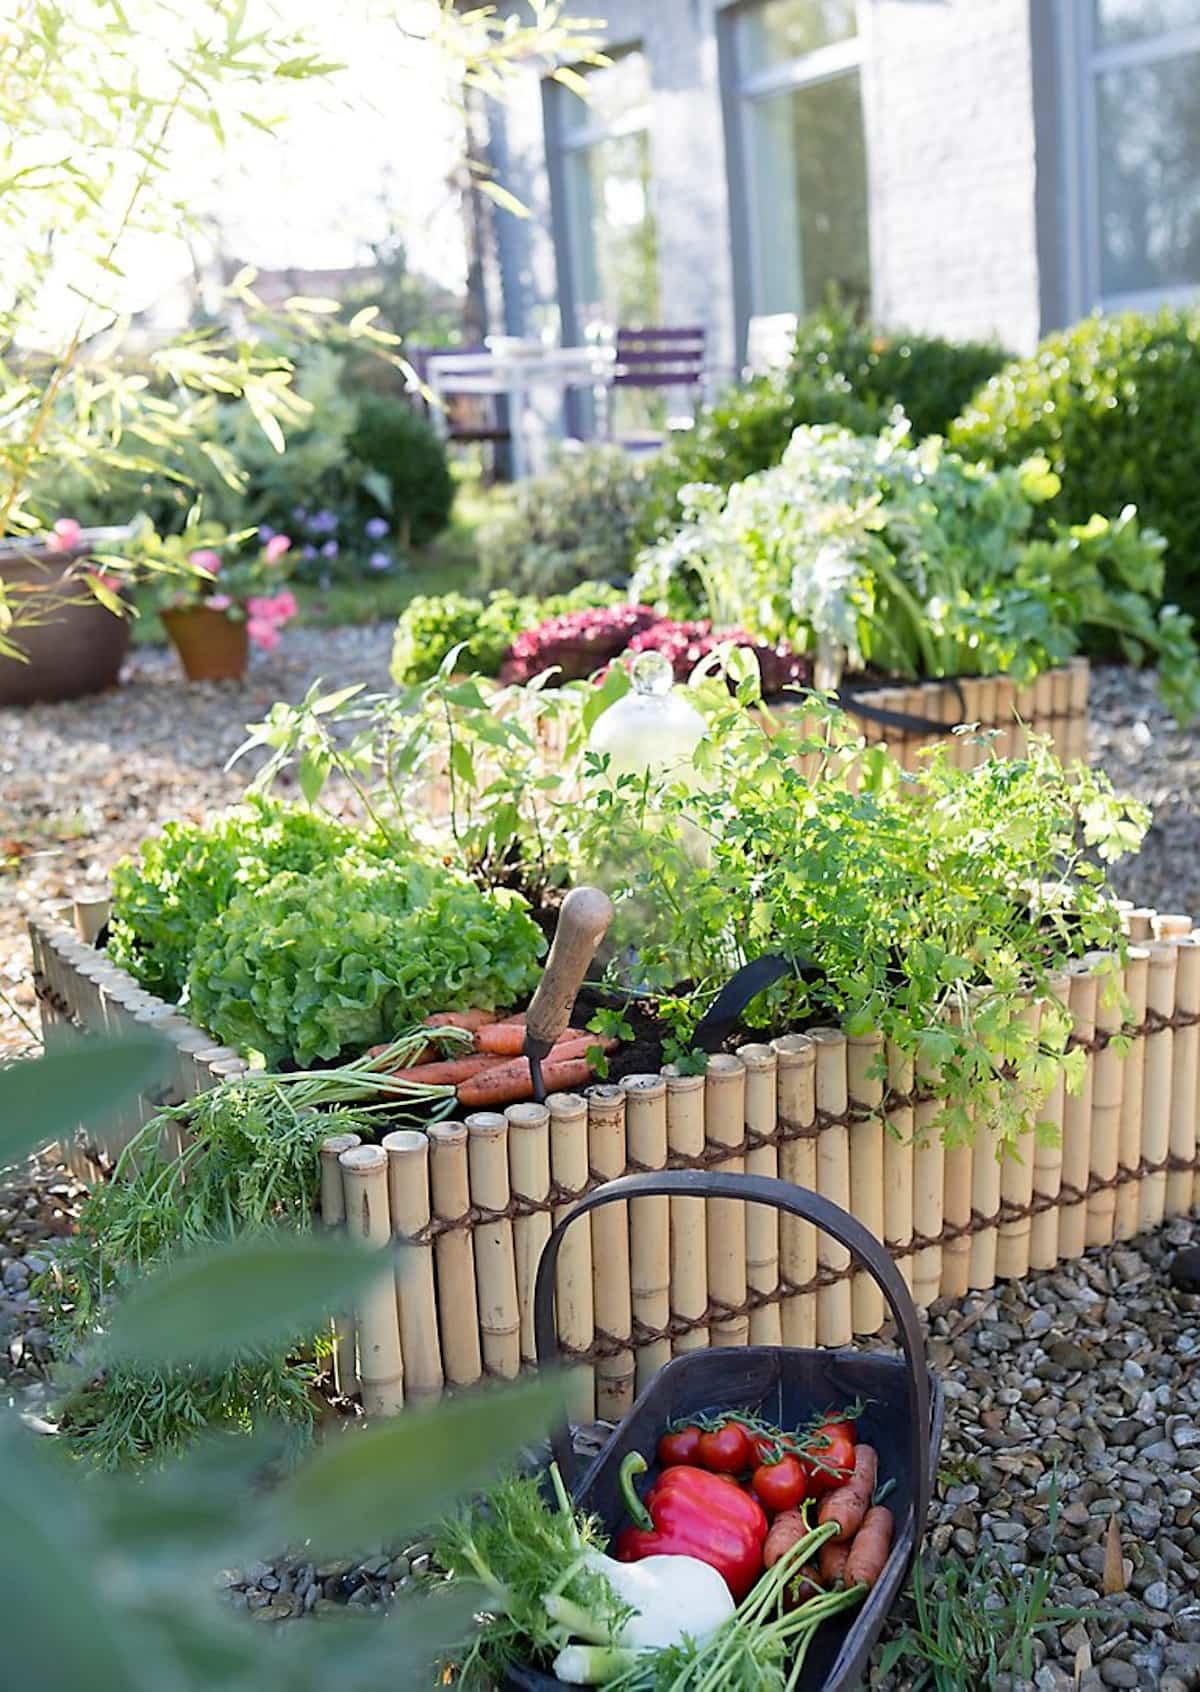 como mantener tus plantas libres de enfermedades y plagas 4